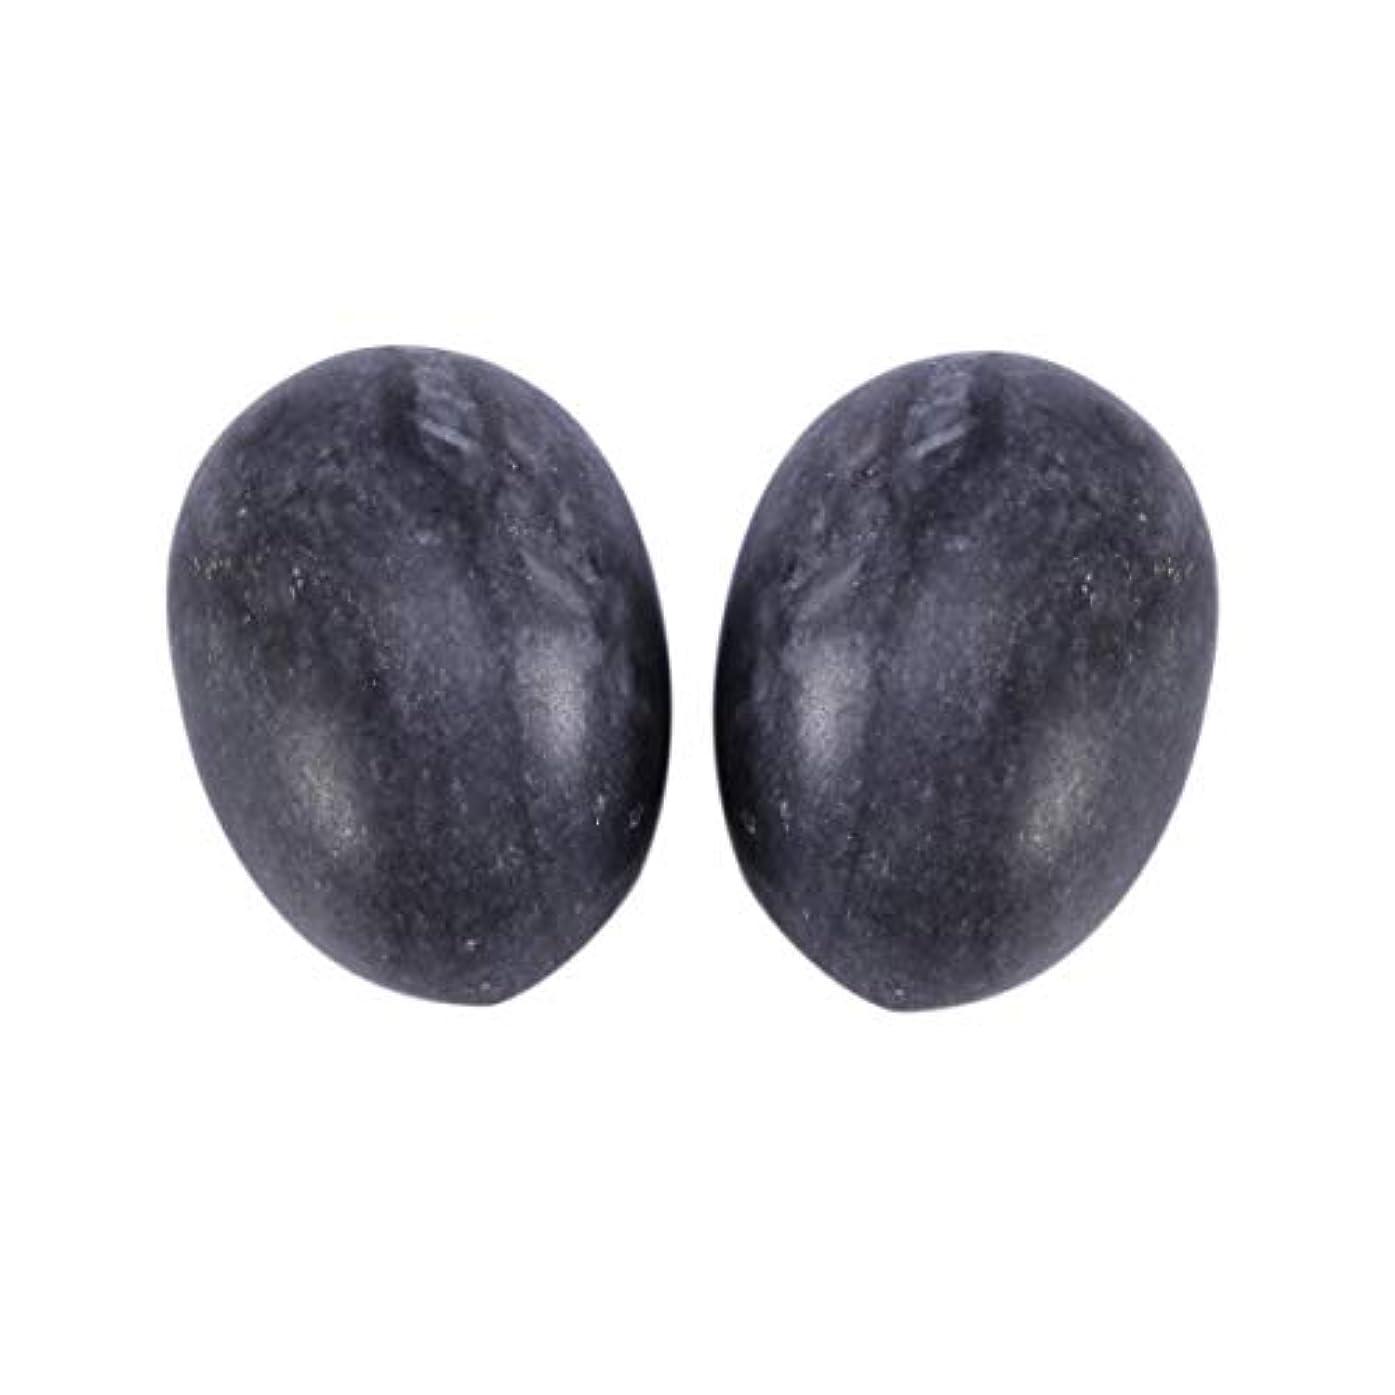 実際にフィッティング等しいHealifty 6PCS翡翠Yoni卵マッサージ癒しの石のケゲル運動骨盤底筋運動(黒)